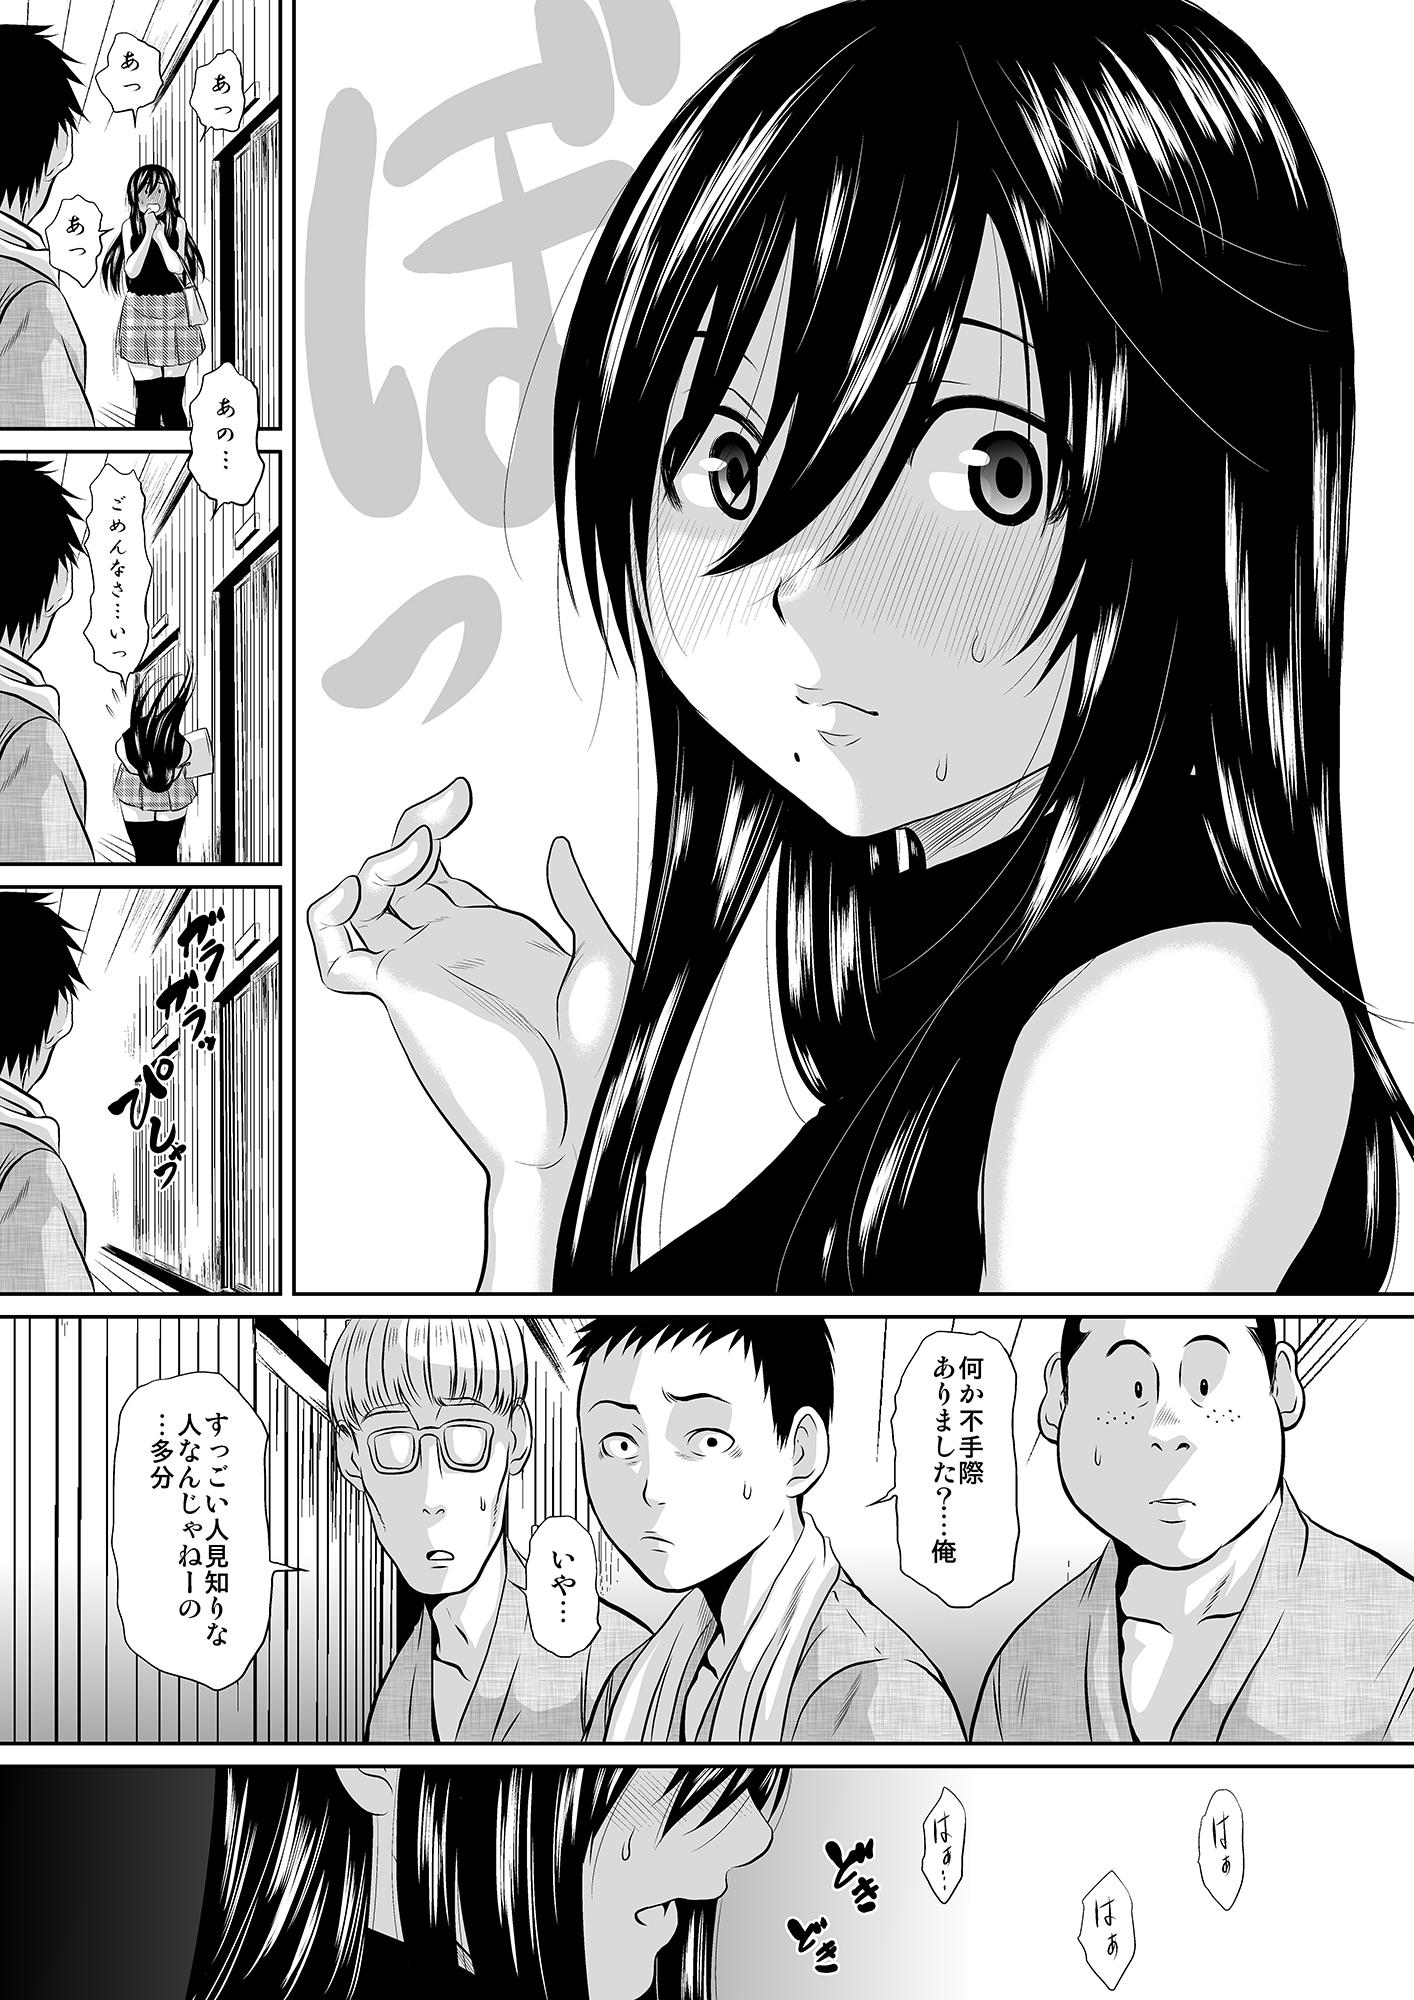 エロ-3-15 温泉宿で見知らぬ童貞学生3人に取り囲まれ襲われる人妻さんの結末が…【エロ漫画:この人妻、酩酊につき~温泉旅館、過チノ一夜】